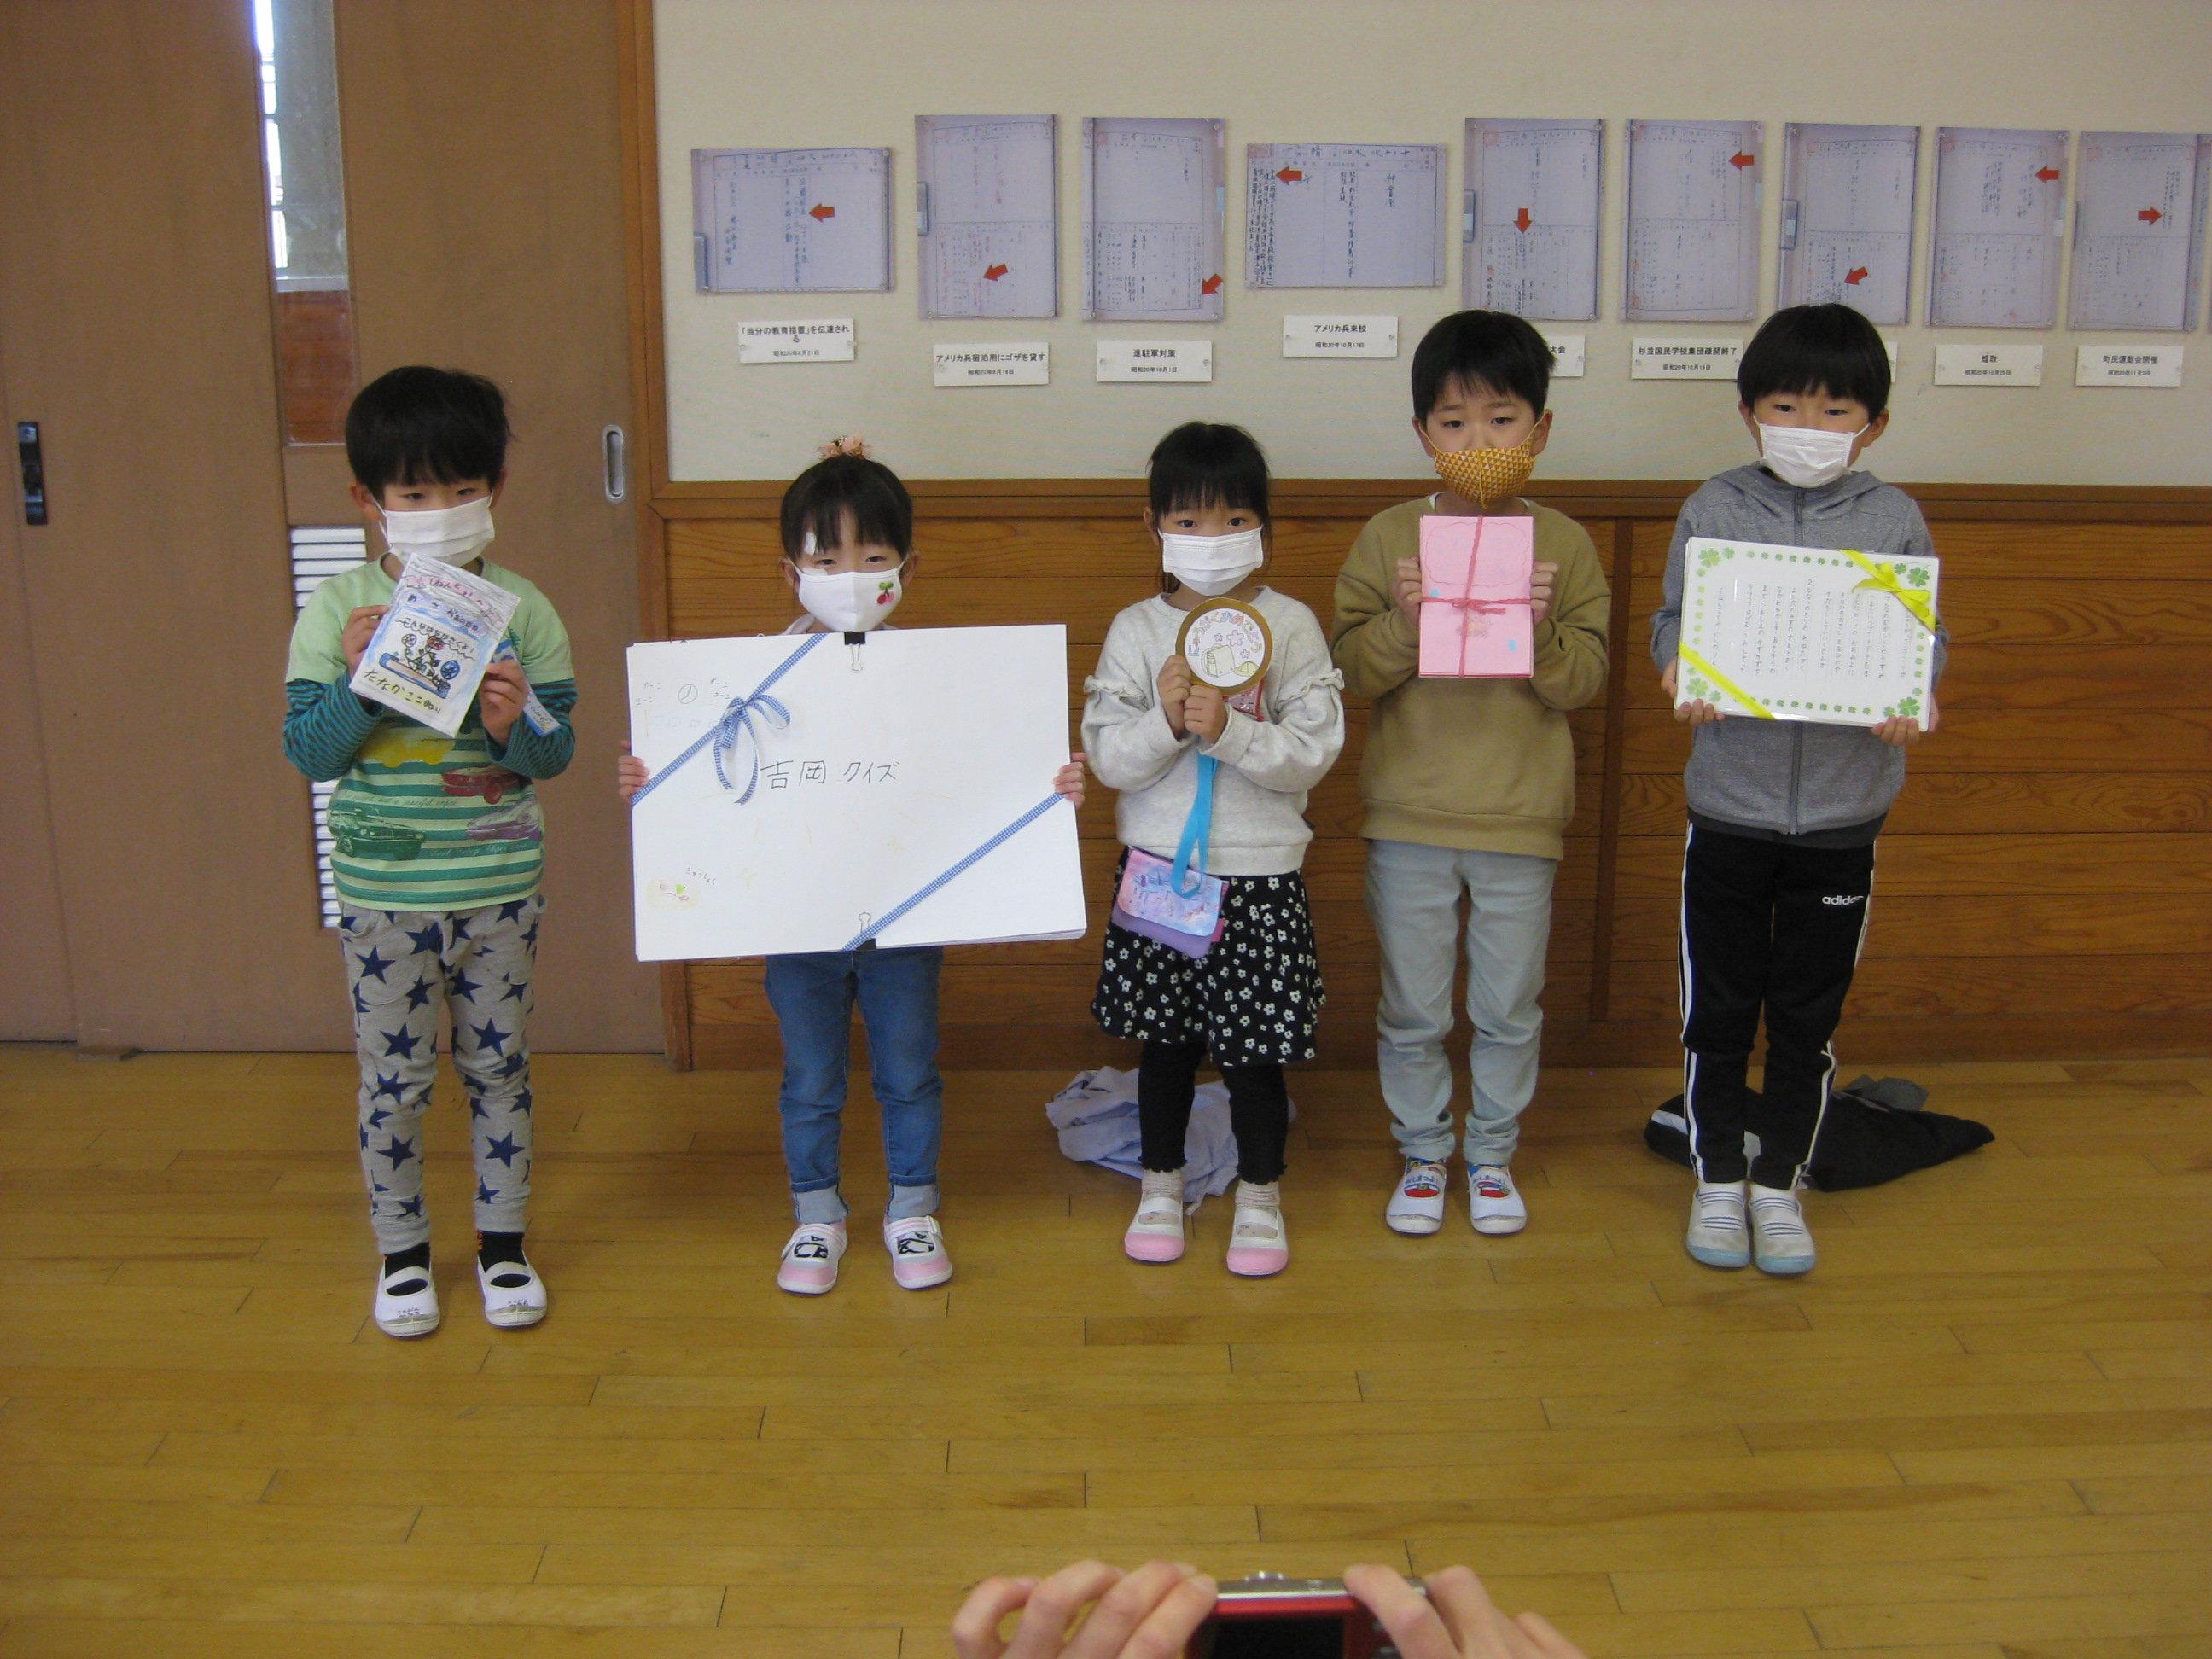 https://www.taiwa-tk.ed.jp/yoshioka-e/3268dcfc44be67e1d1c8d15b364f48345d8ddd76.JPG